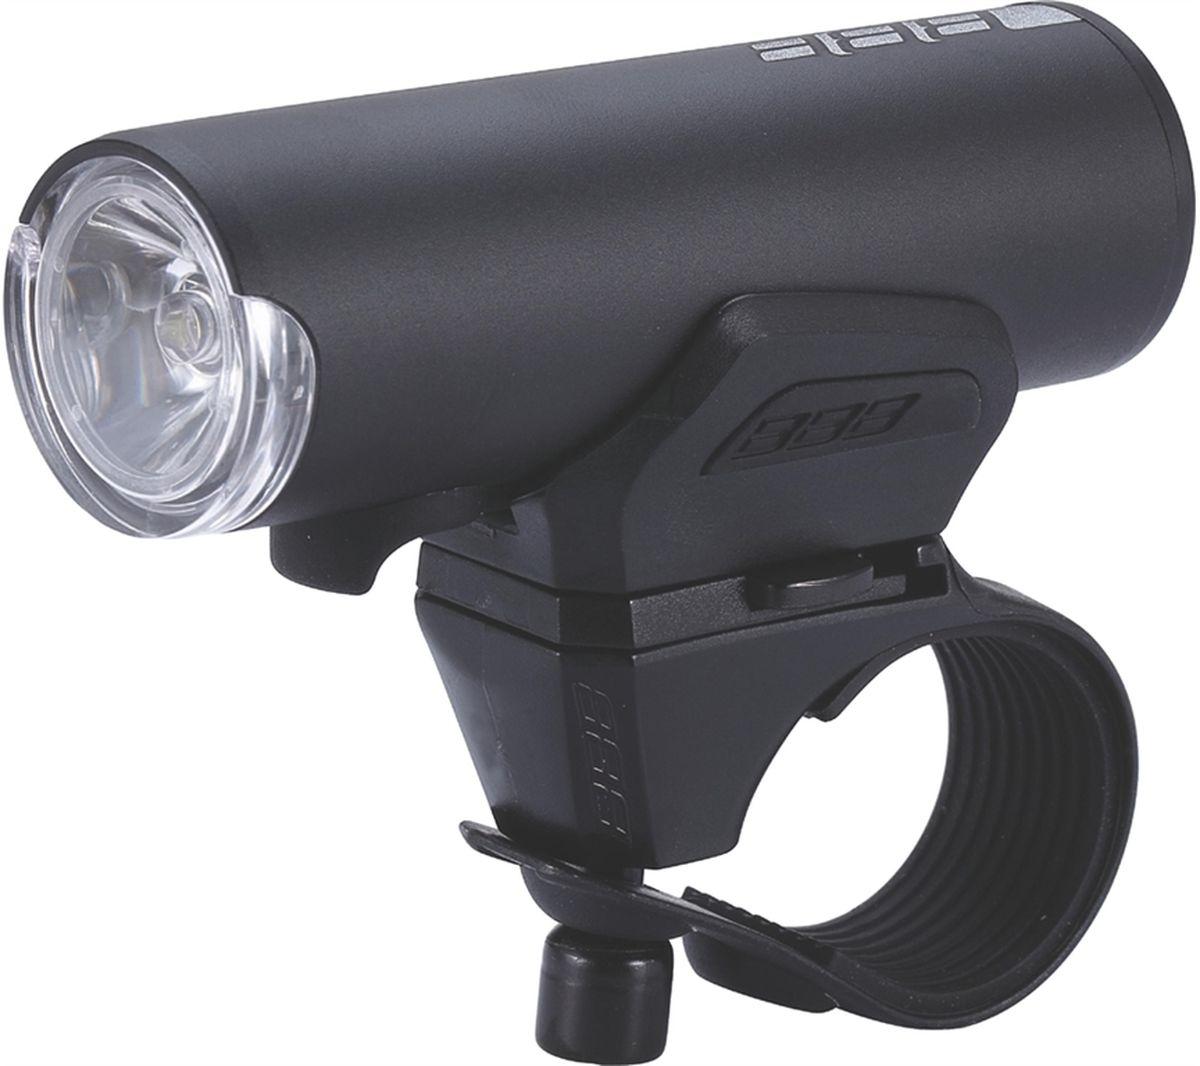 Фонарь велосипедный BBB Scout 200 Lumen LED, передний, цвет: серый, черныйRivaCase 8460 blackBBB Scout 200 Lumen LED - это идеальный товарищ для вашего городского или туристического велосипеда. Он очень компактный и легкий, с мощным световым потоком и четырьмя режимами работы. Этот фонарь можно устанавливать как на руль, так и на шлем.Особенности:Мощный светодиод XPG CREE LED со световым потоком 200 Лм.Быстро и просто заряжается от USB.Индикатор заряда батареи.Водонепроницаемый.Алюминиевый корпус.Литий-полимерный аккумулятор (1000 mAh, 3,7V).4 режима: яркий, стандартный, экономичный и мигающий.В комплекте крепление на руль TightFix.В комплекте кабель micro USB.